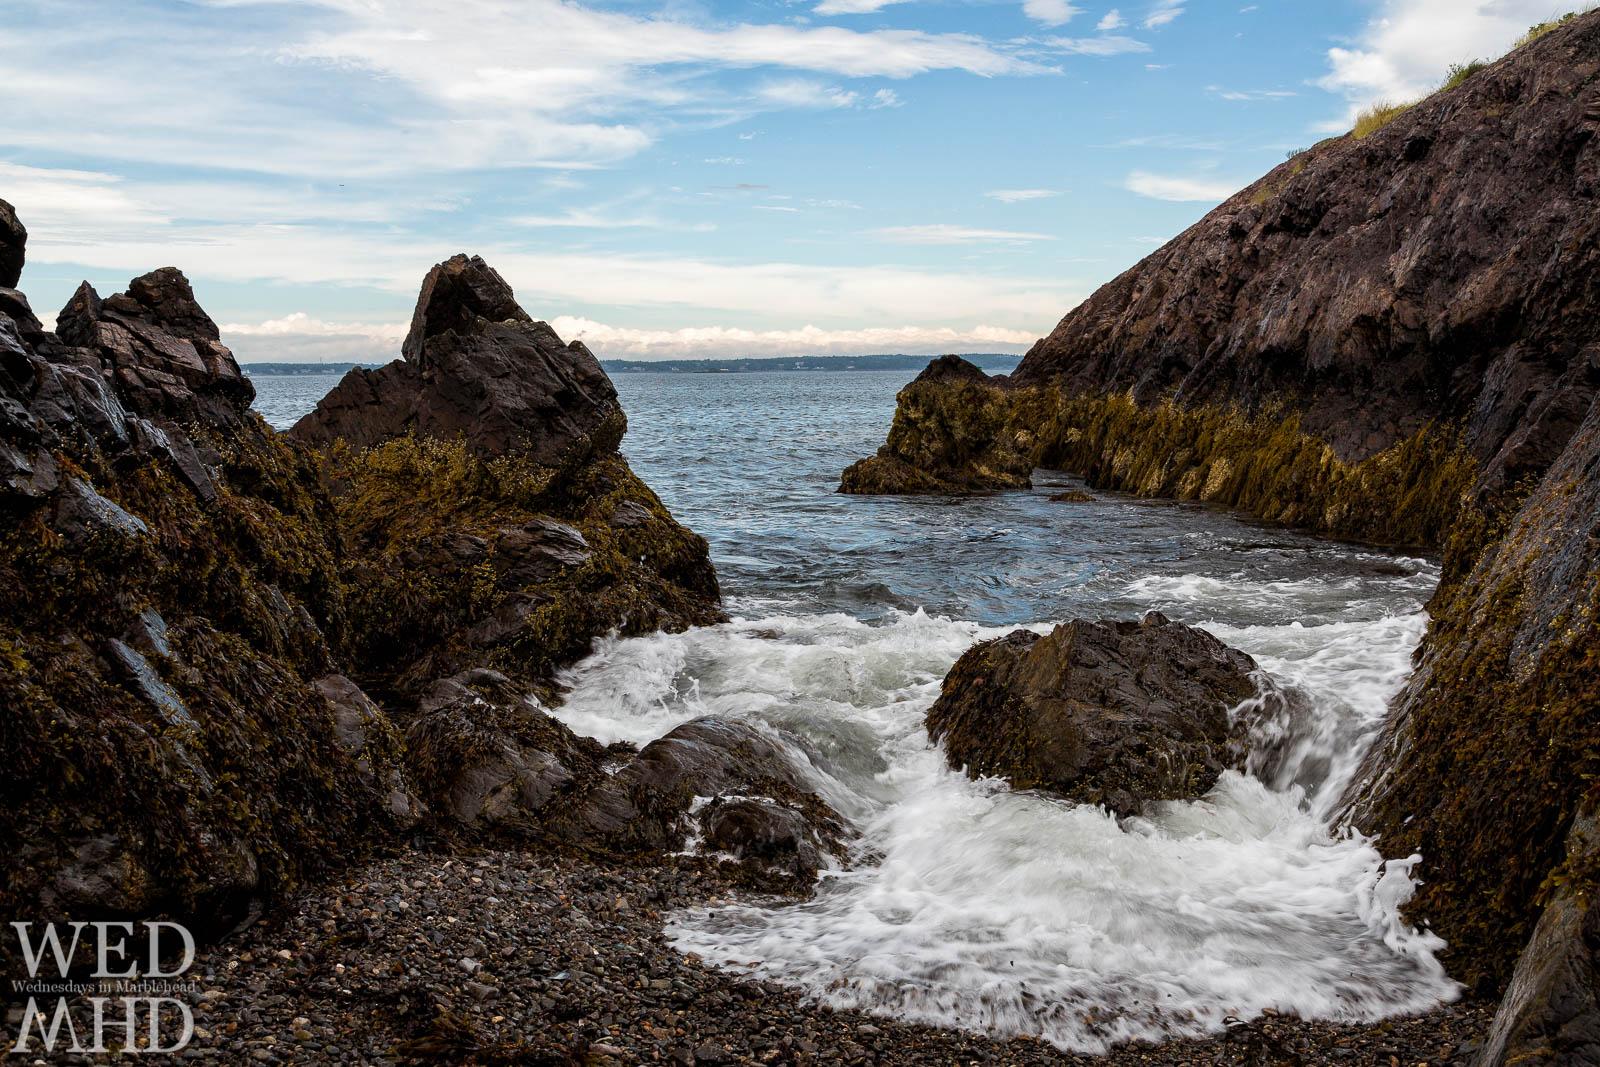 tide between rocks